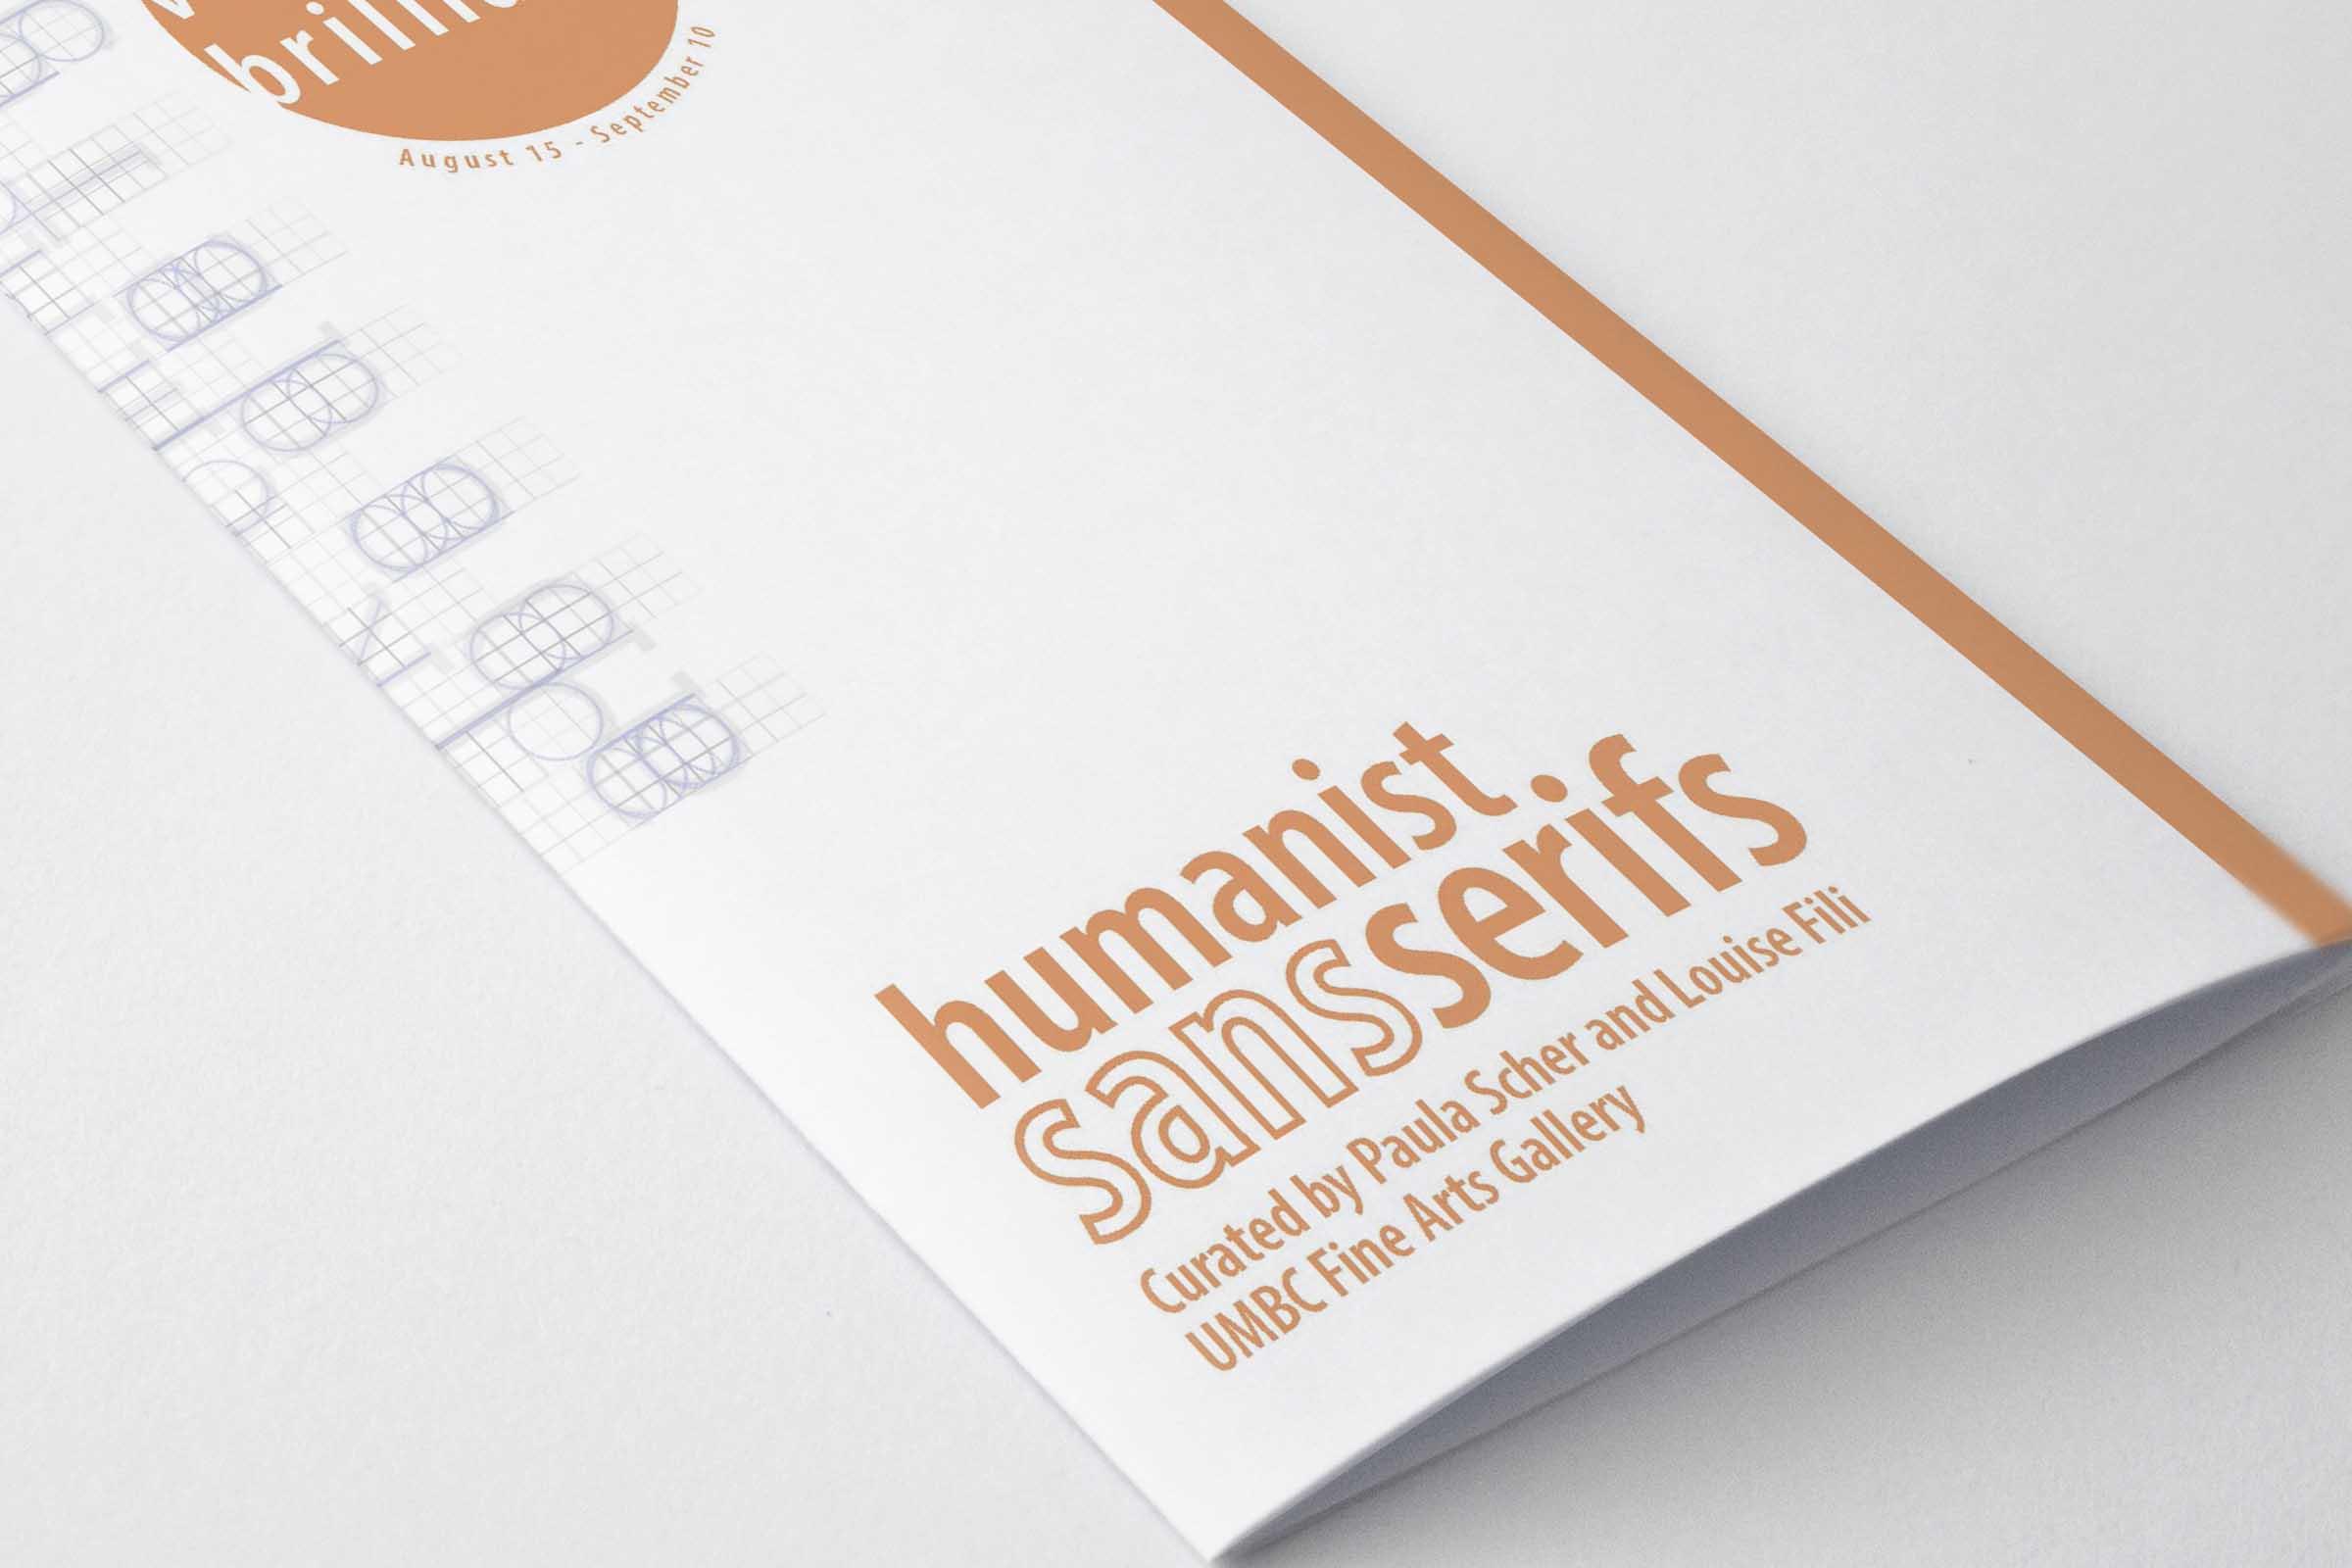 Humanist Sans Serifs Exhibition